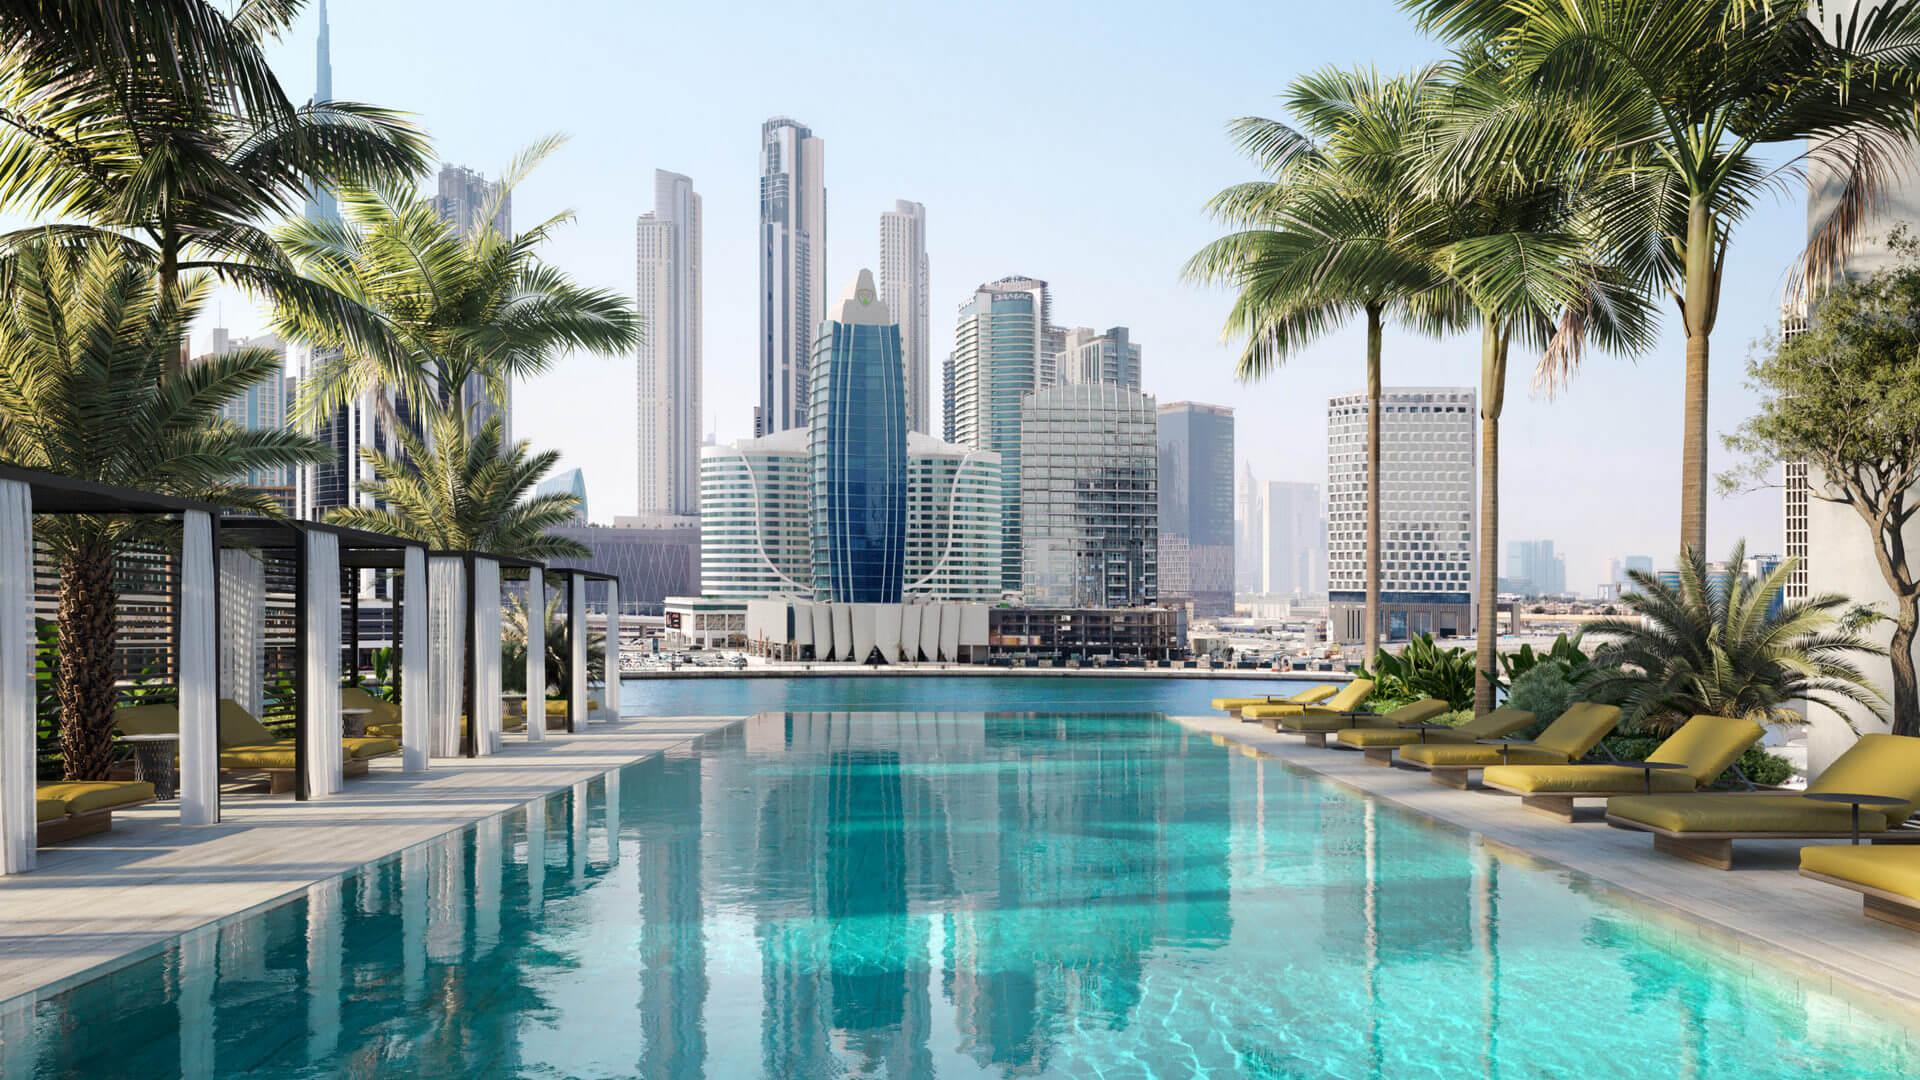 Ático en venta en Dubai, EAU, 5 dormitorios, 1645 m2, № 24060 – foto 3